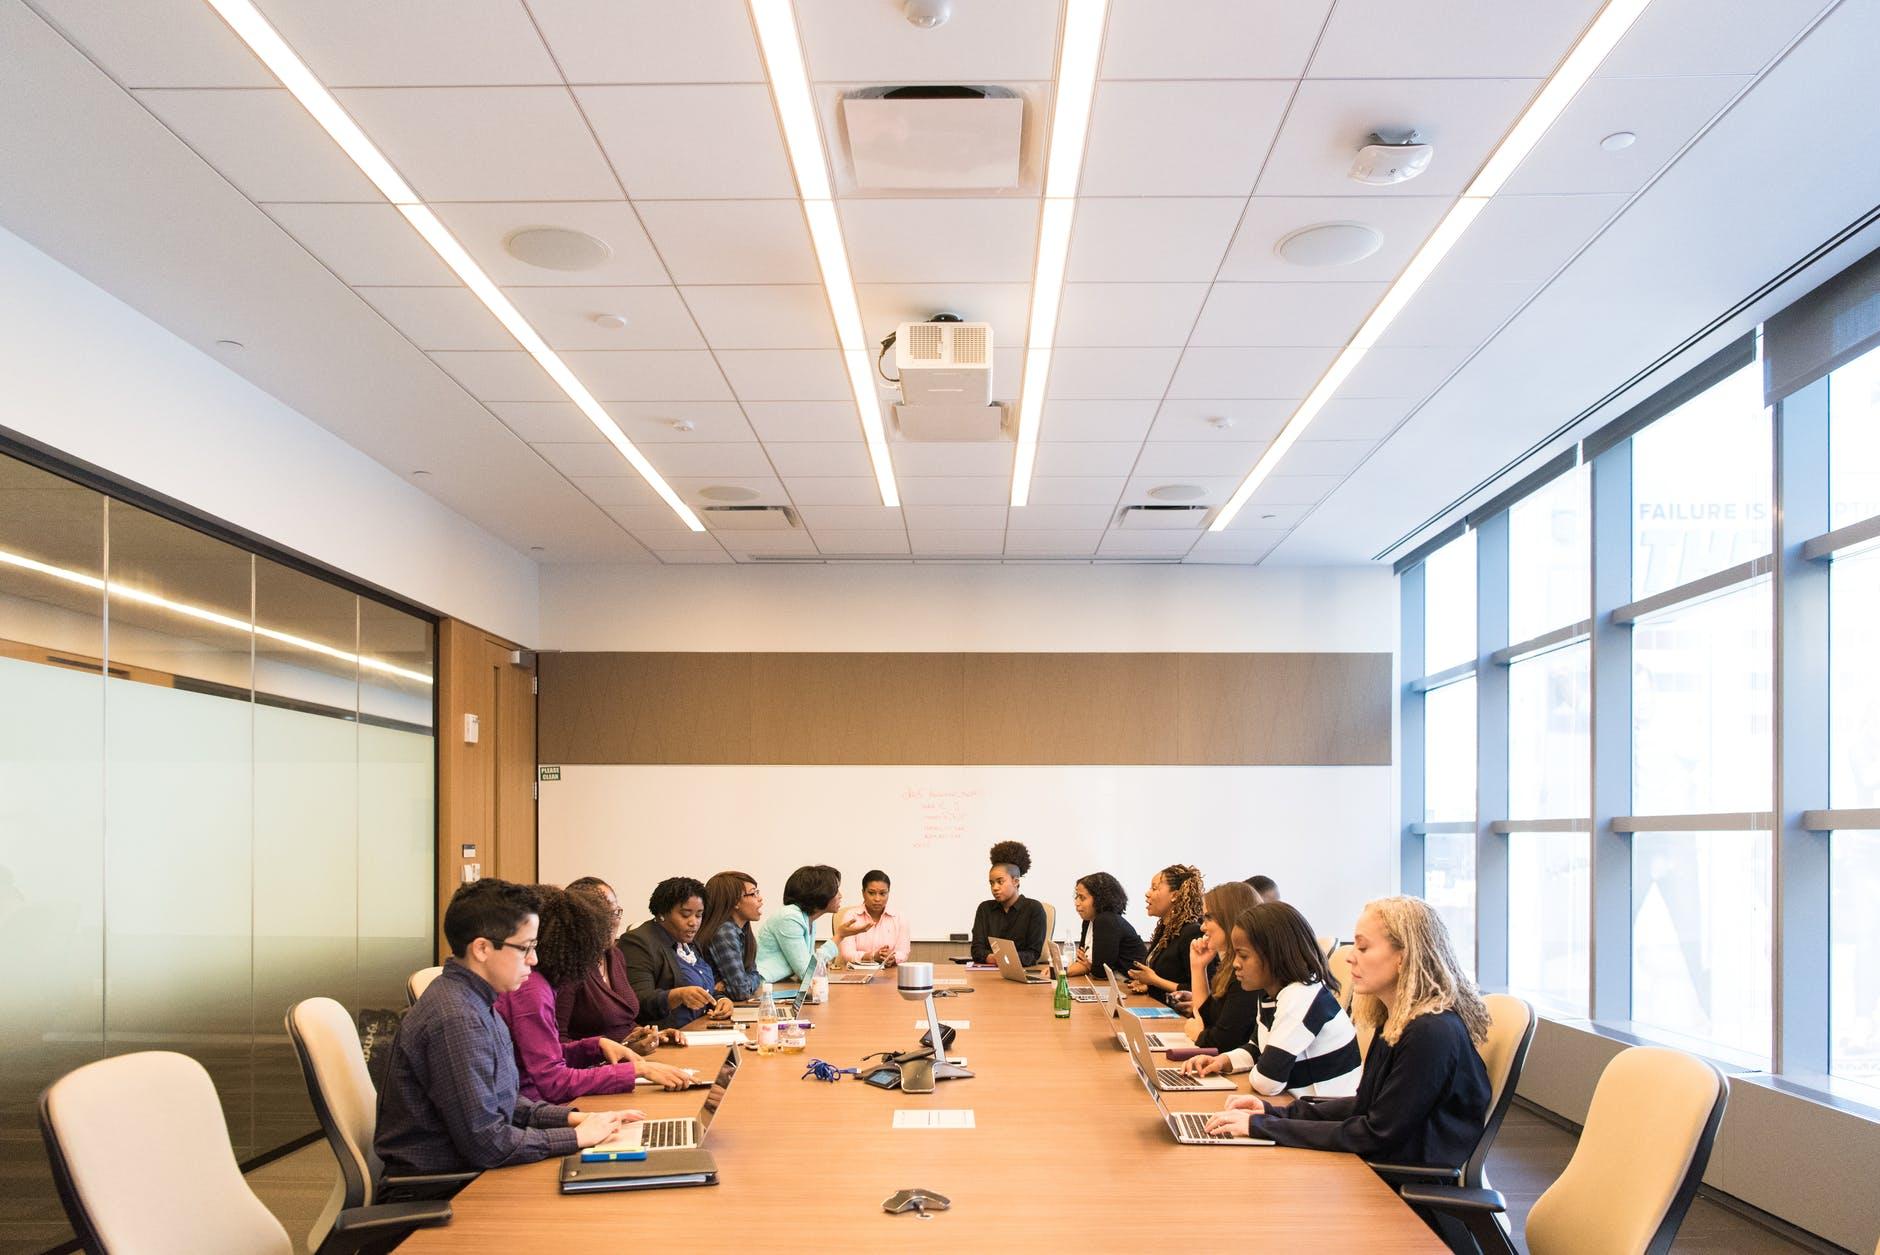 pessoas reunidas em uma reunião. Ambiente corporativo.